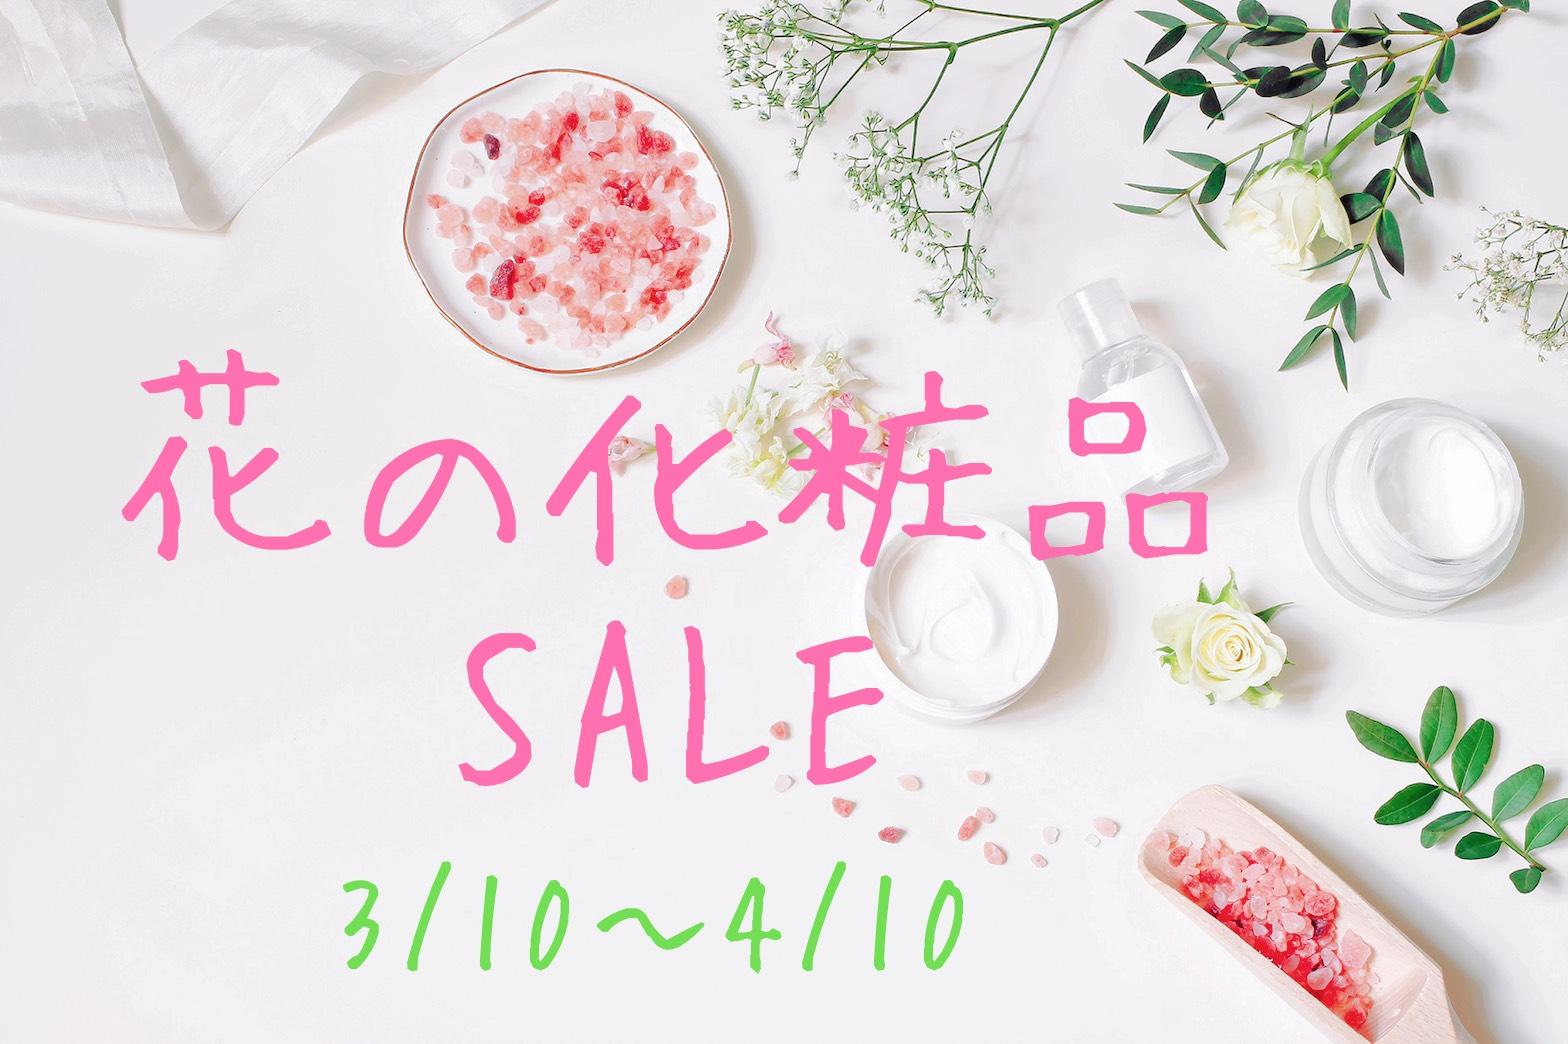 3/10~4/10【 セール 開 催 】花のスキンケア化粧品